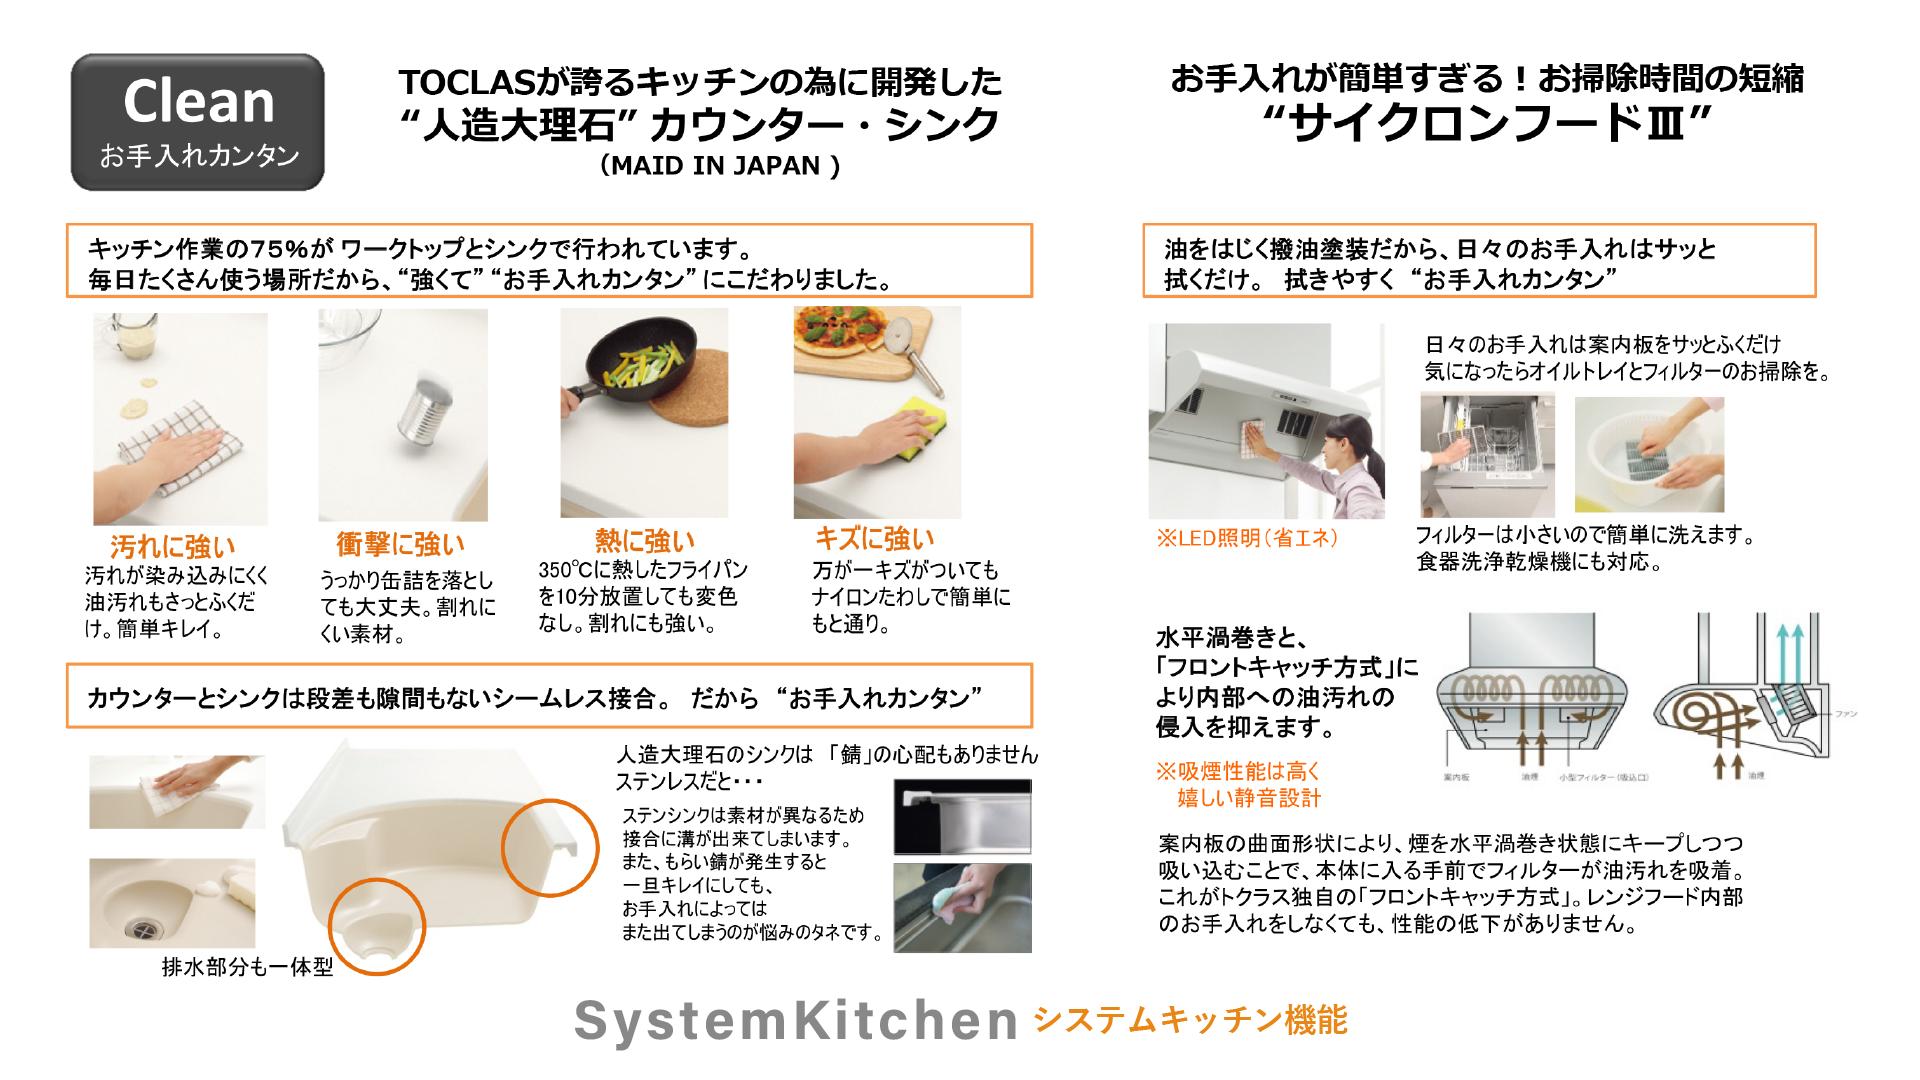 キッチン_説明_1298